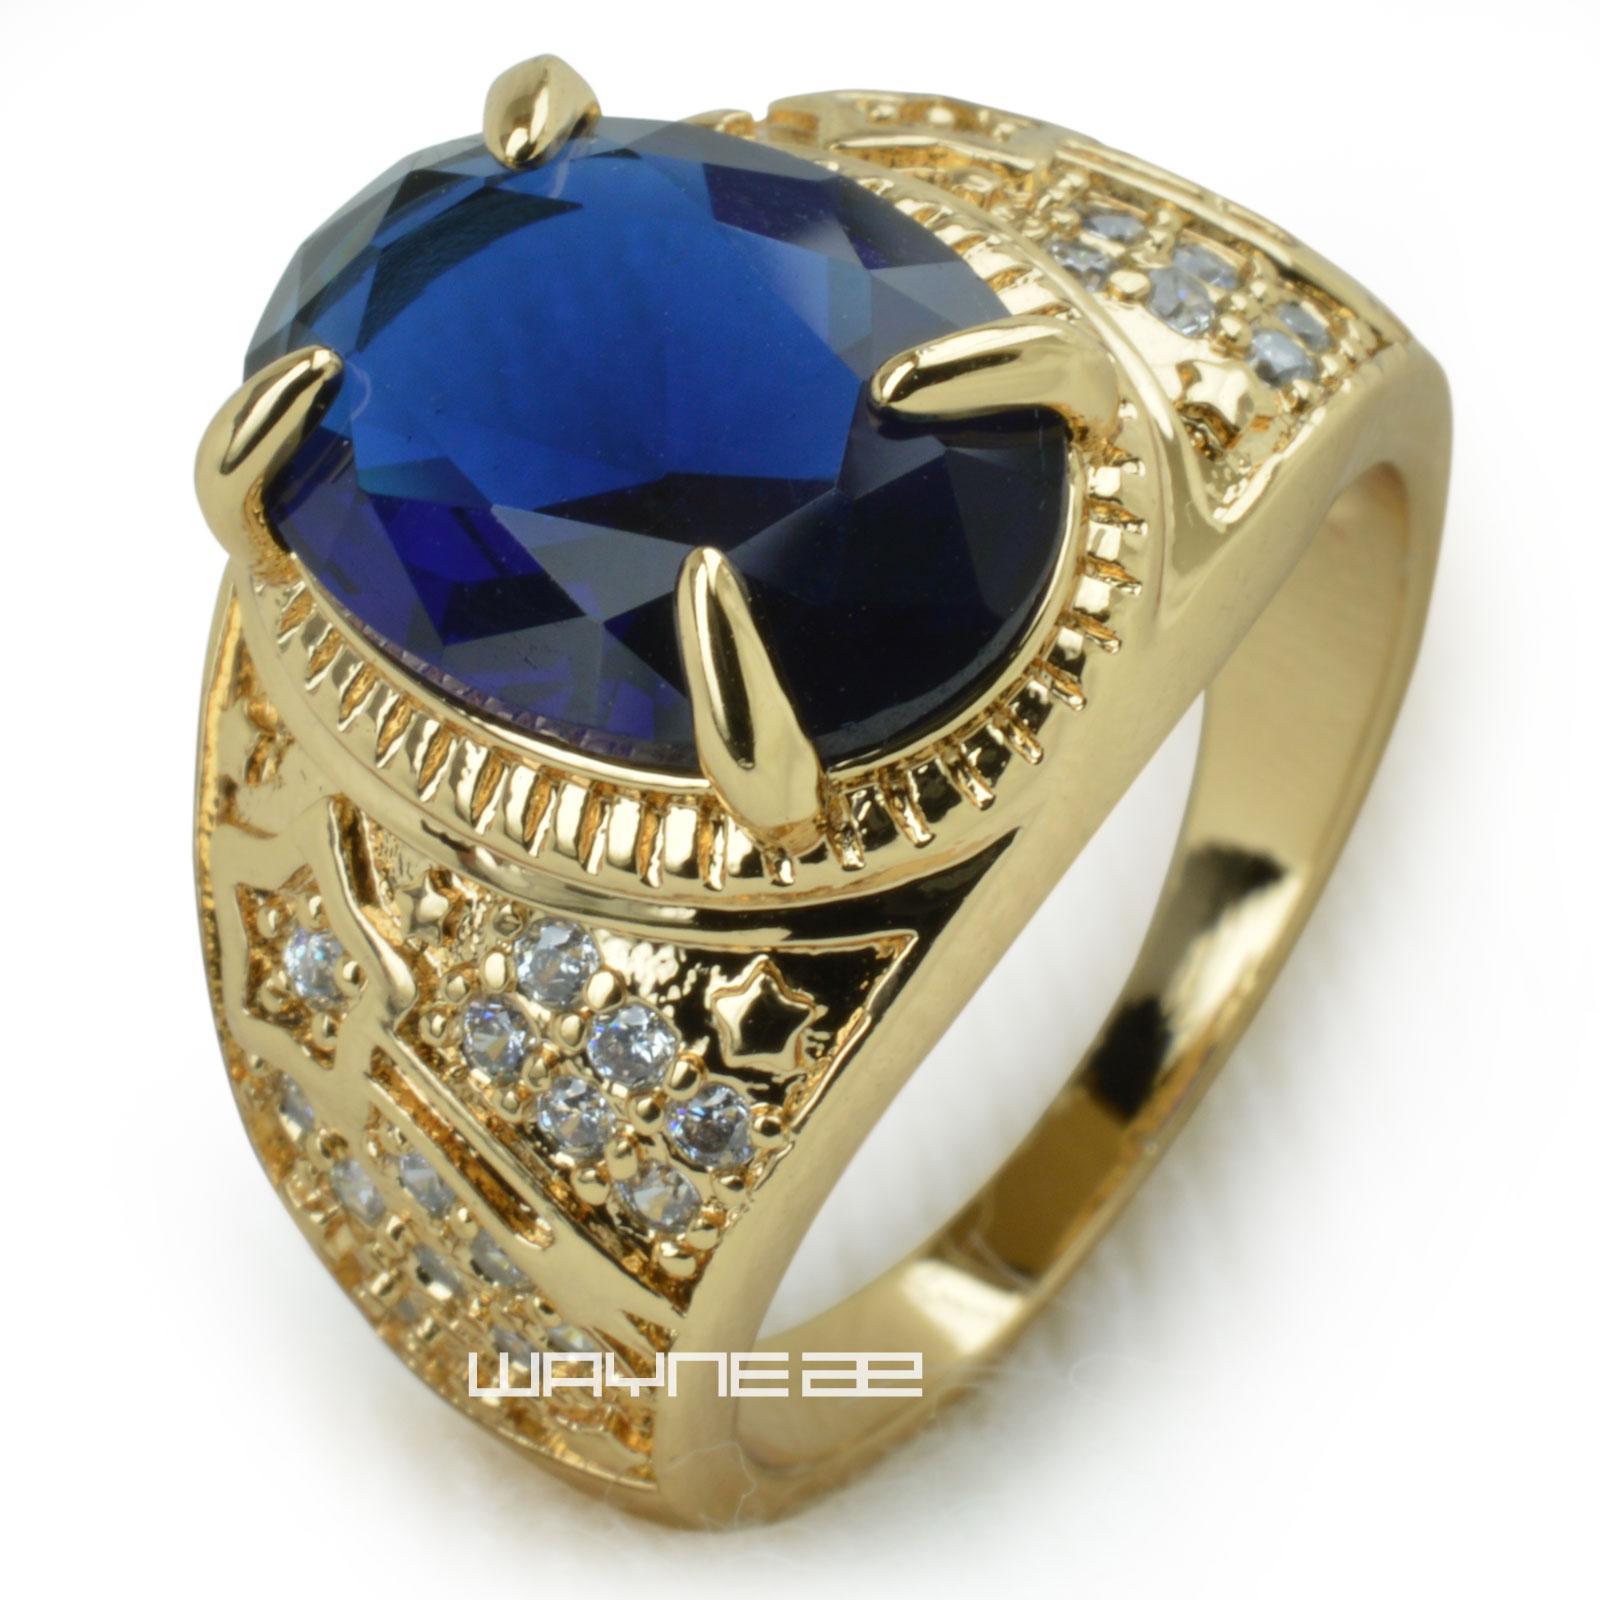 Anello in oro 18 carati con solidale in oro 18 carati Blue Stone R283 SZ 8 9 10 11 12 13 14 15